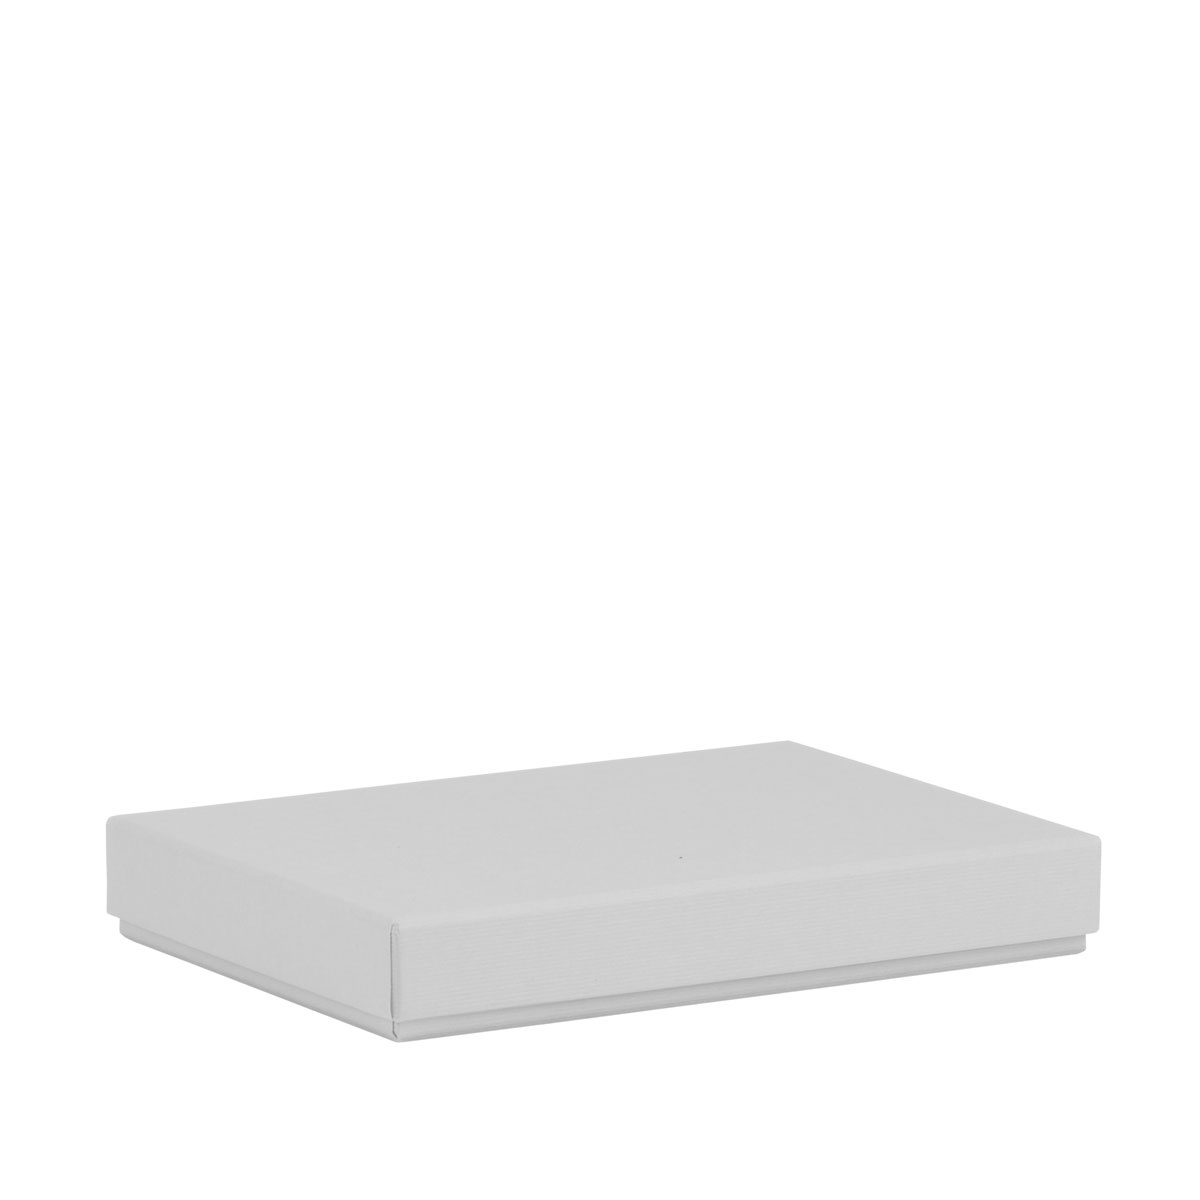 Rössler Boxline Kartonage white A4